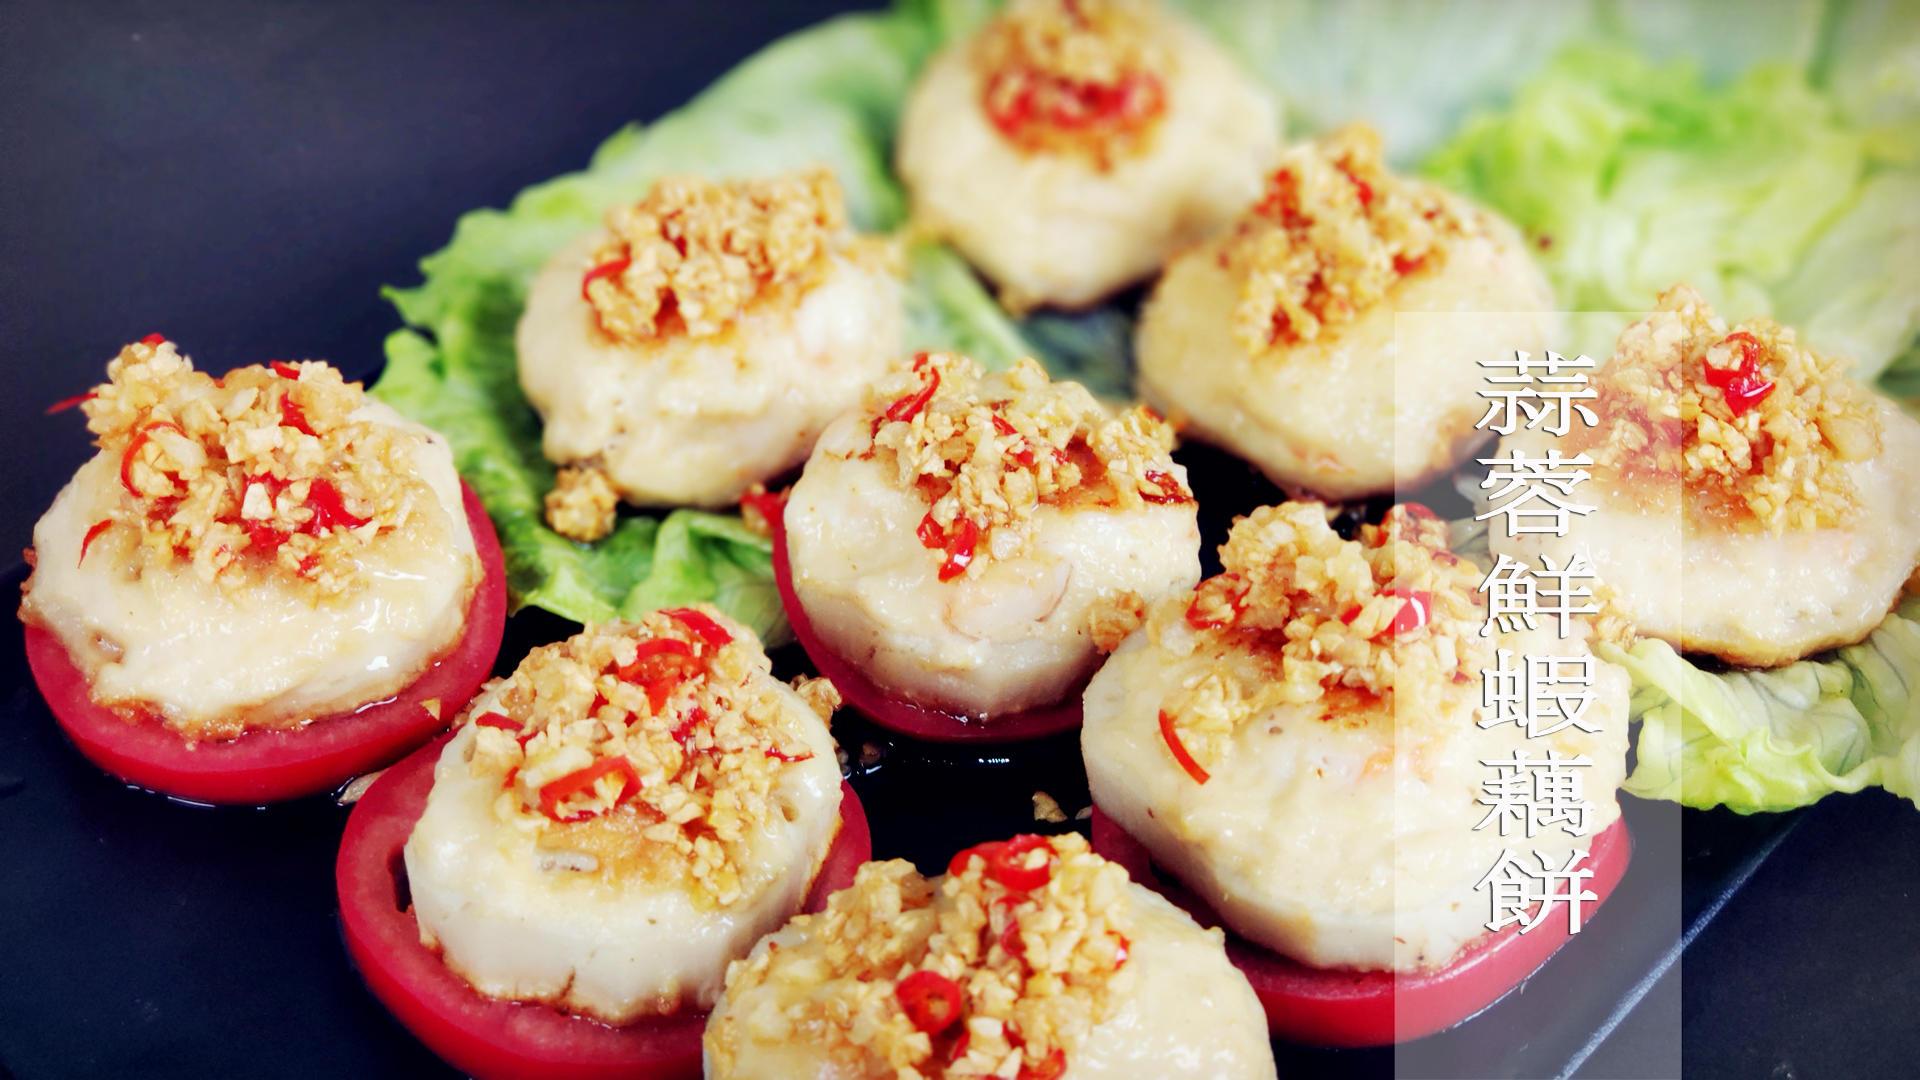 「食语集」刚做好就满屋飘香,这道莲藕鲜虾饼让全家人都喜欢